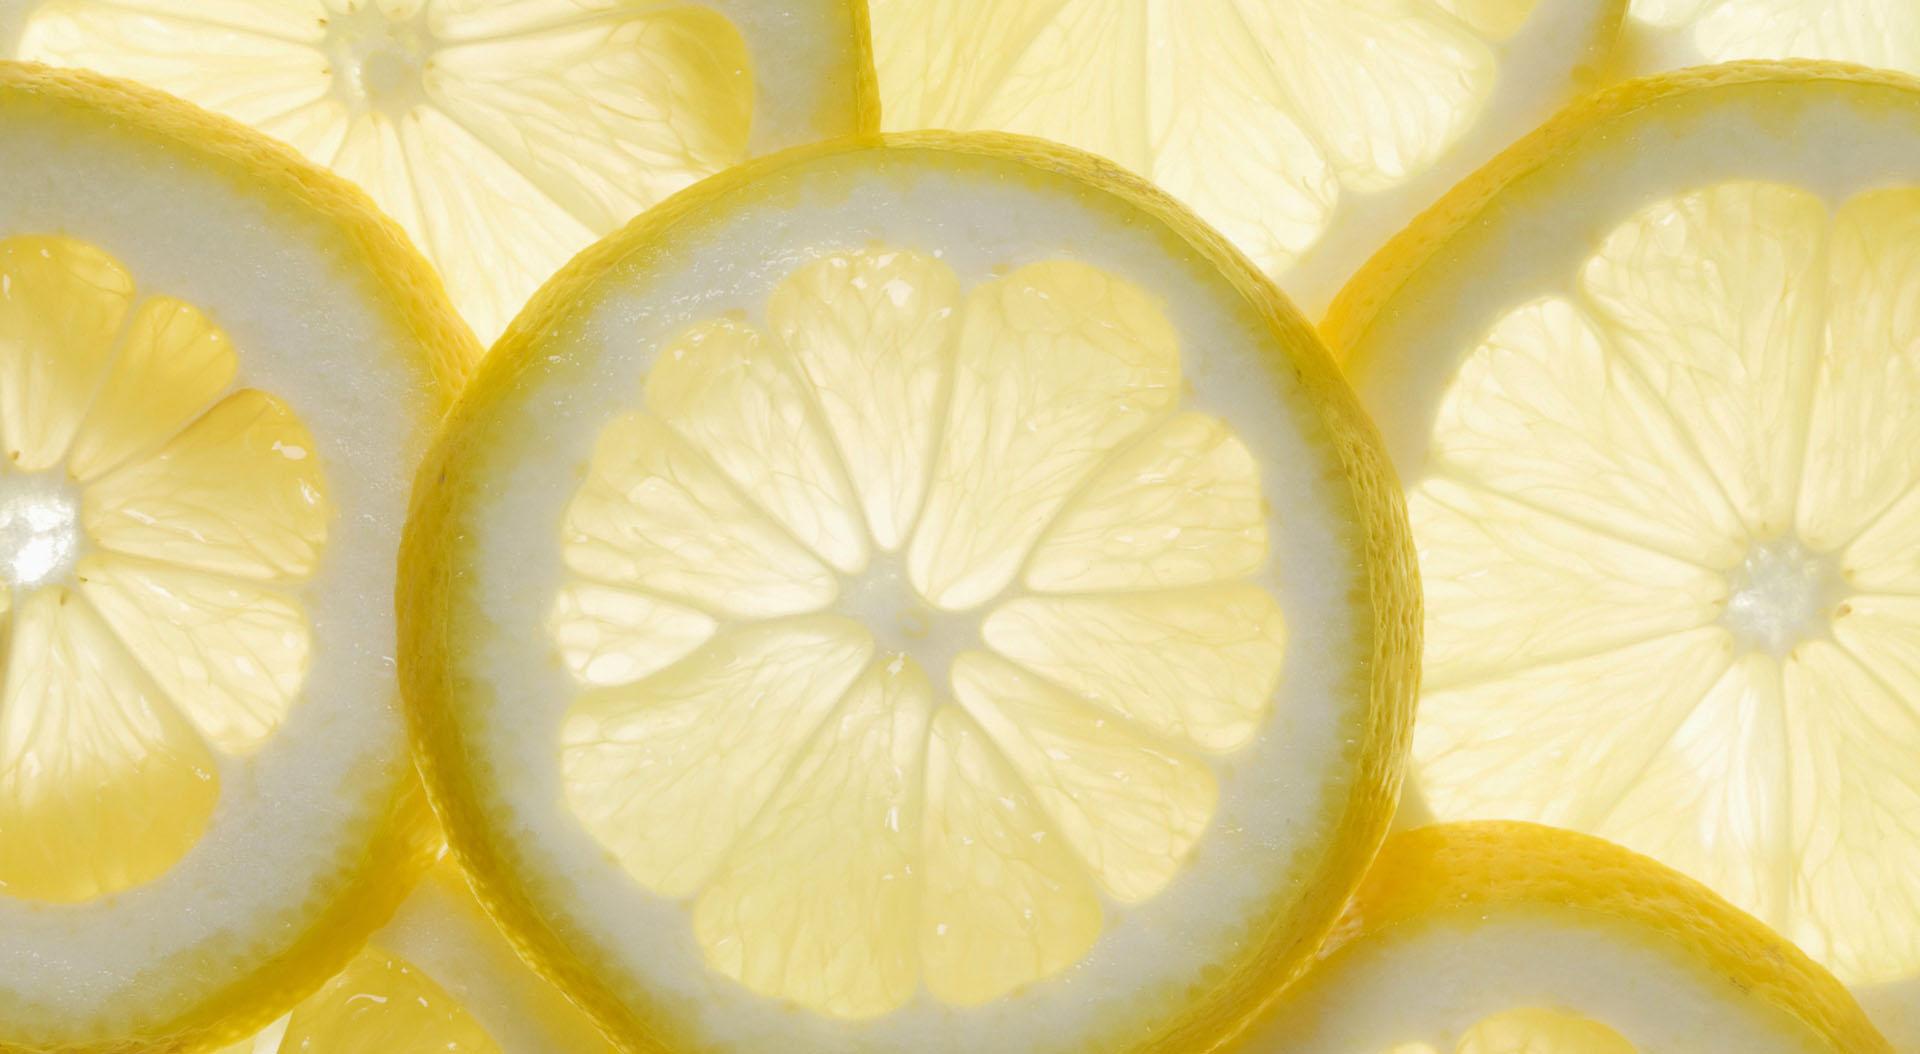 Switchform le citron et ses pr cieuses vertus pour notre sant - Quand cueillir les citrons ...